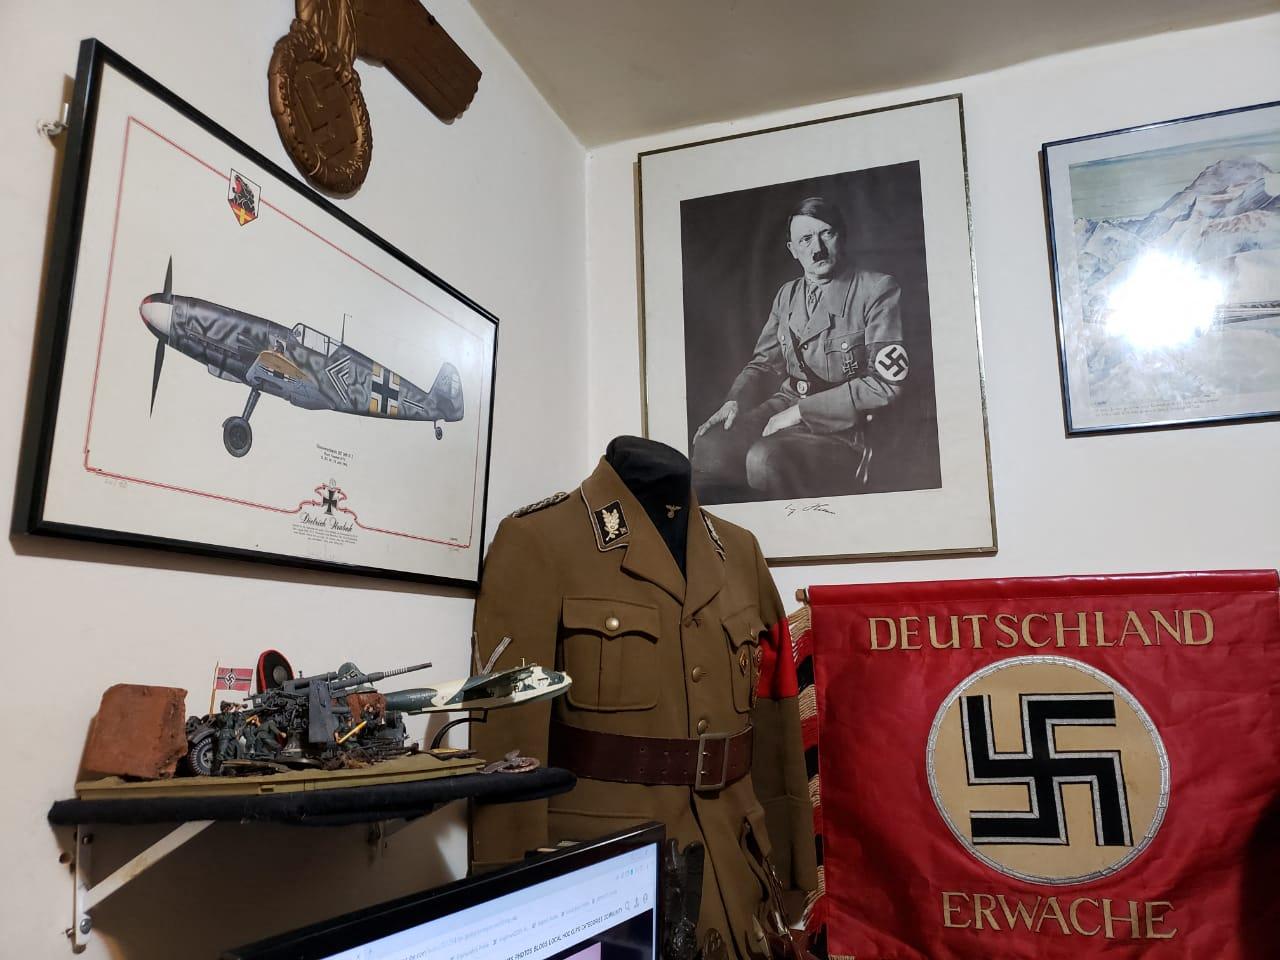 """Fueron a arrestar a un pedófilo y encontraron """"material monstruoso"""" de referencia nazi por valor de más de 3 millones de dólares."""